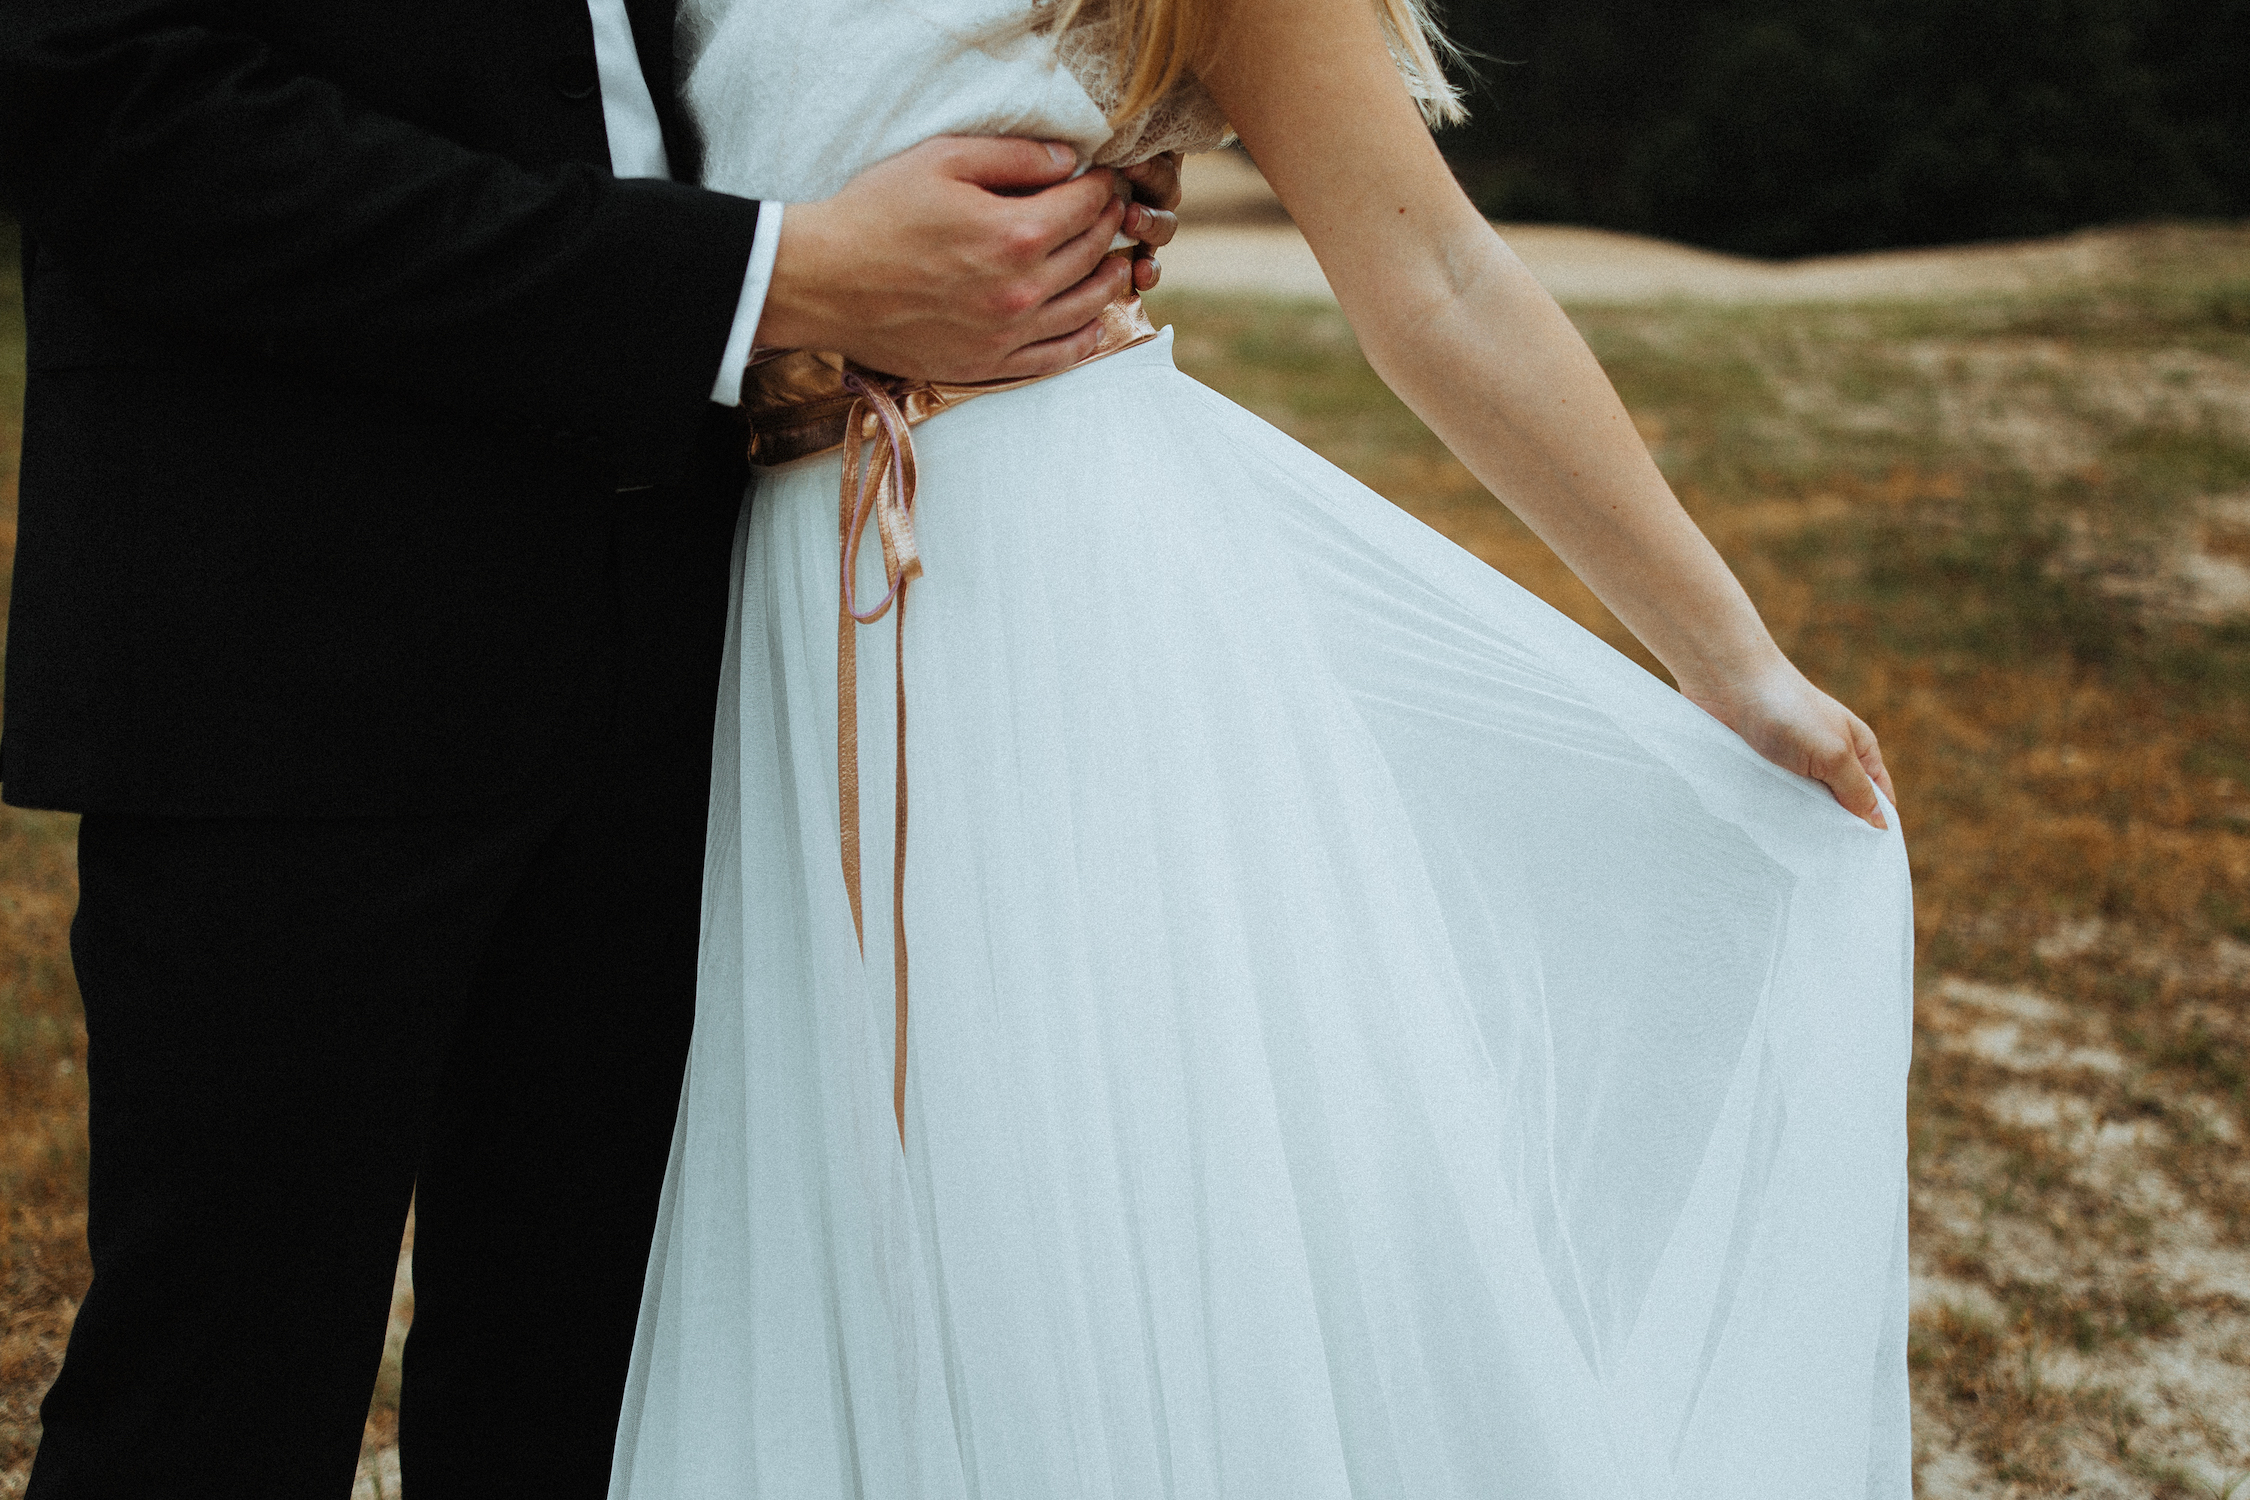 Vintage Brautkleid mit Spitze und rückenfrei (Foto: Slicpic Fotografie)